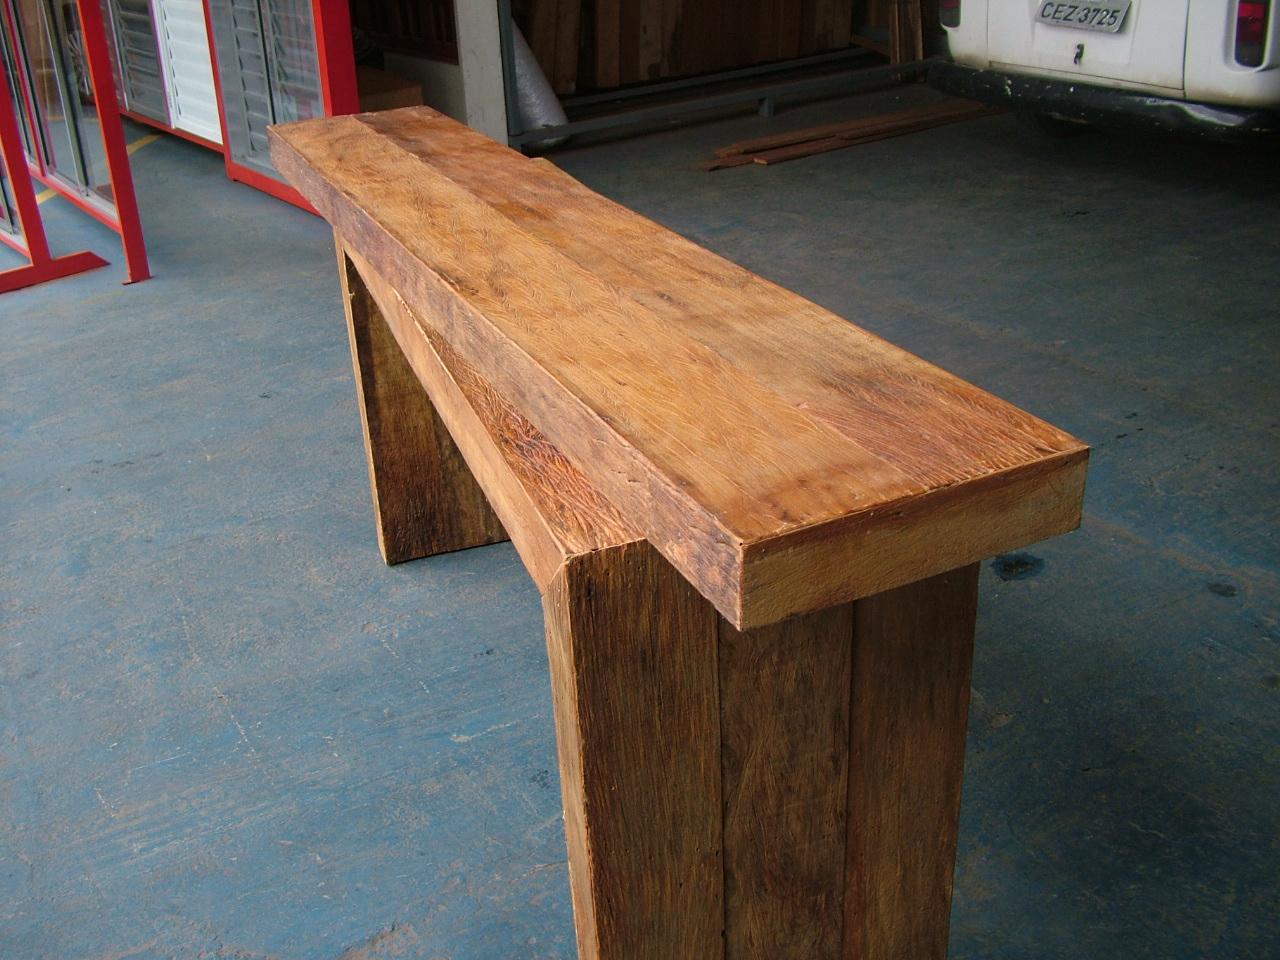 #A0612B aparador feito de madeira de demolição esta um tampo para cozinha  1280x960 px Bancada De Madeira Cozinha Americana_2425 Imagens